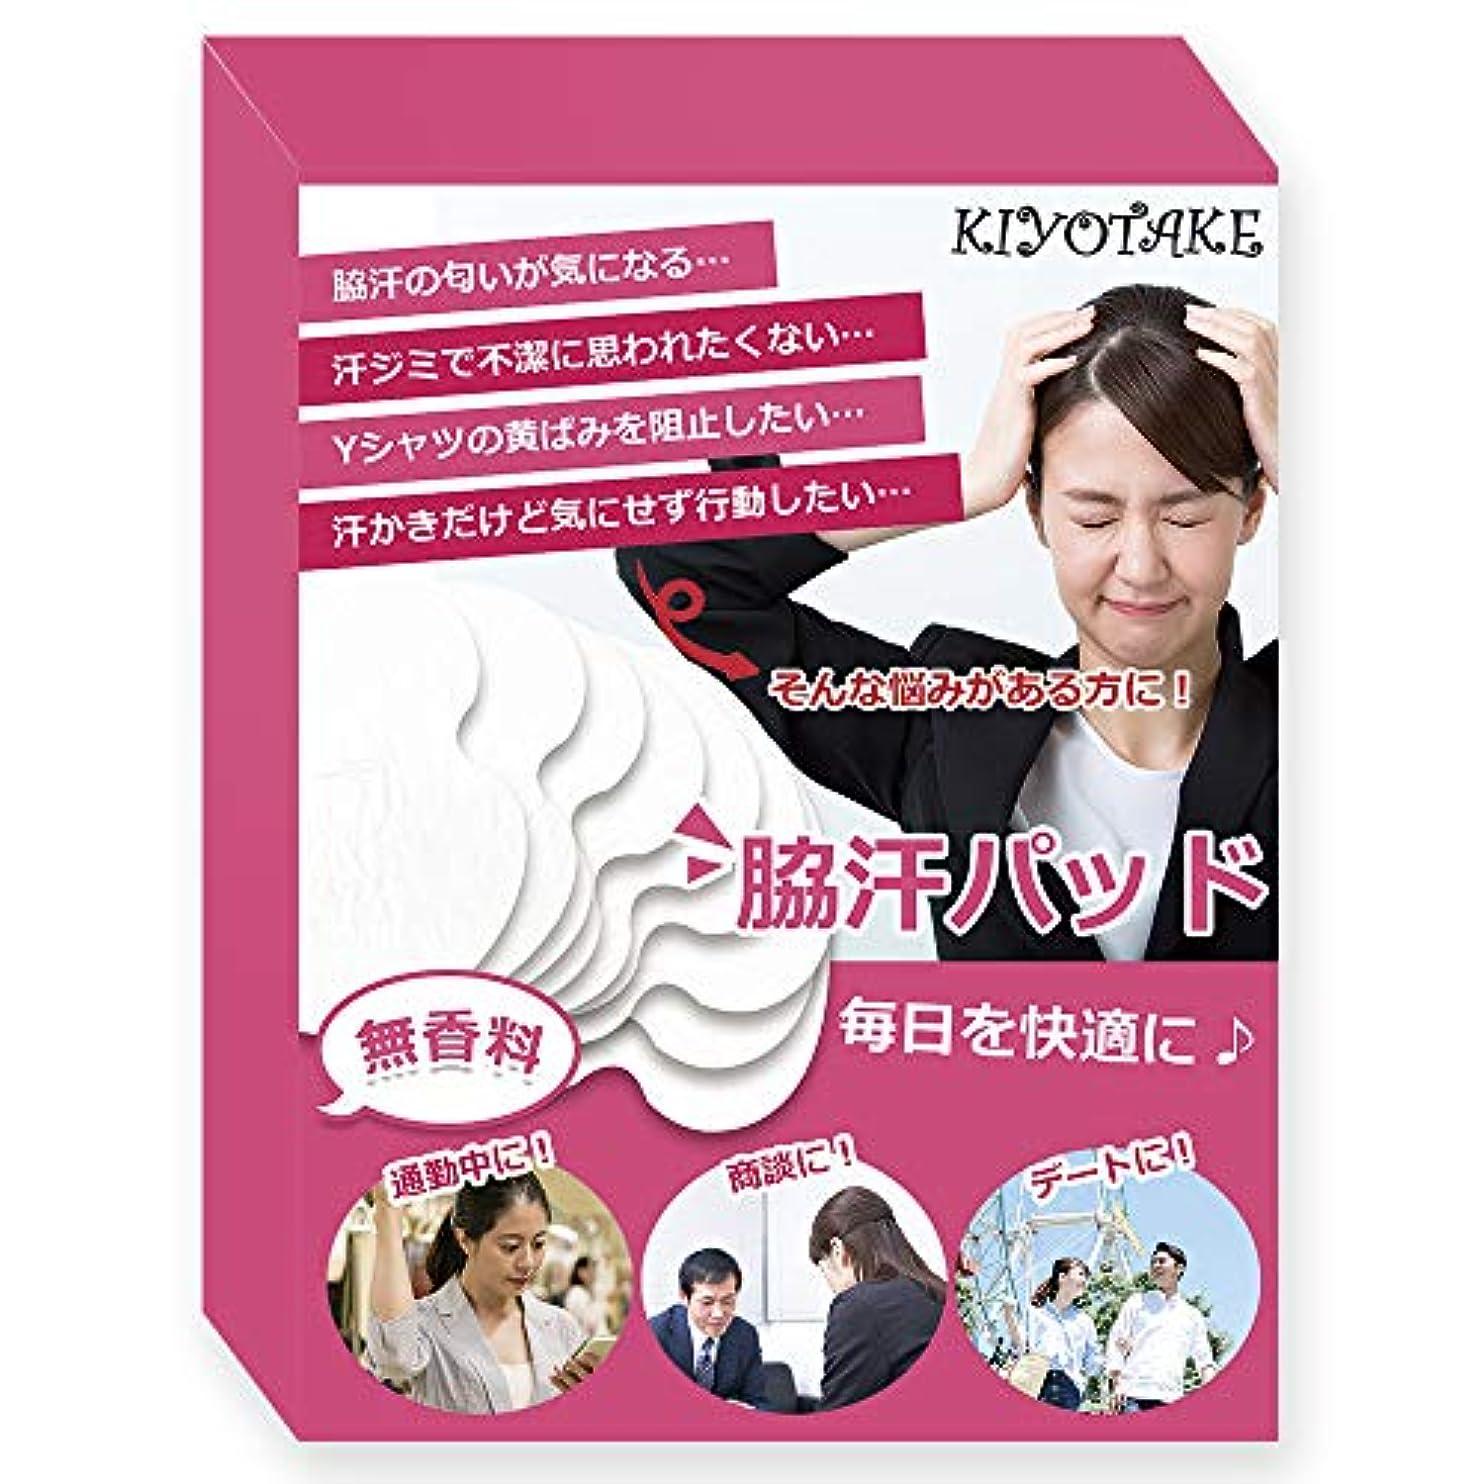 測る追記辞書【kiyotake】 レディース 脇汗パッド 汗取り 汗じみ 防臭 防止 対策 女性用 40枚入り